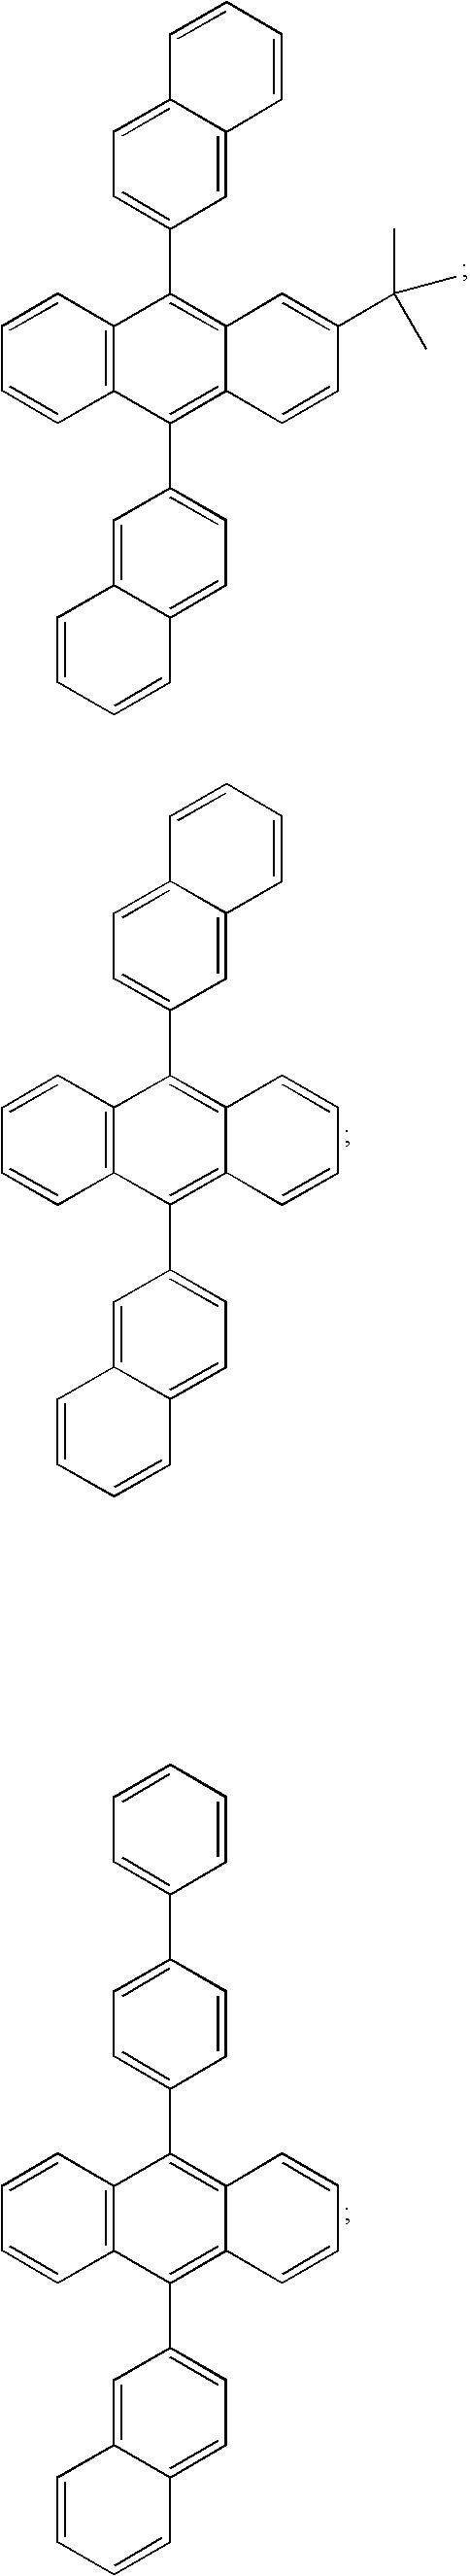 Figure US07247394-20070724-C00040